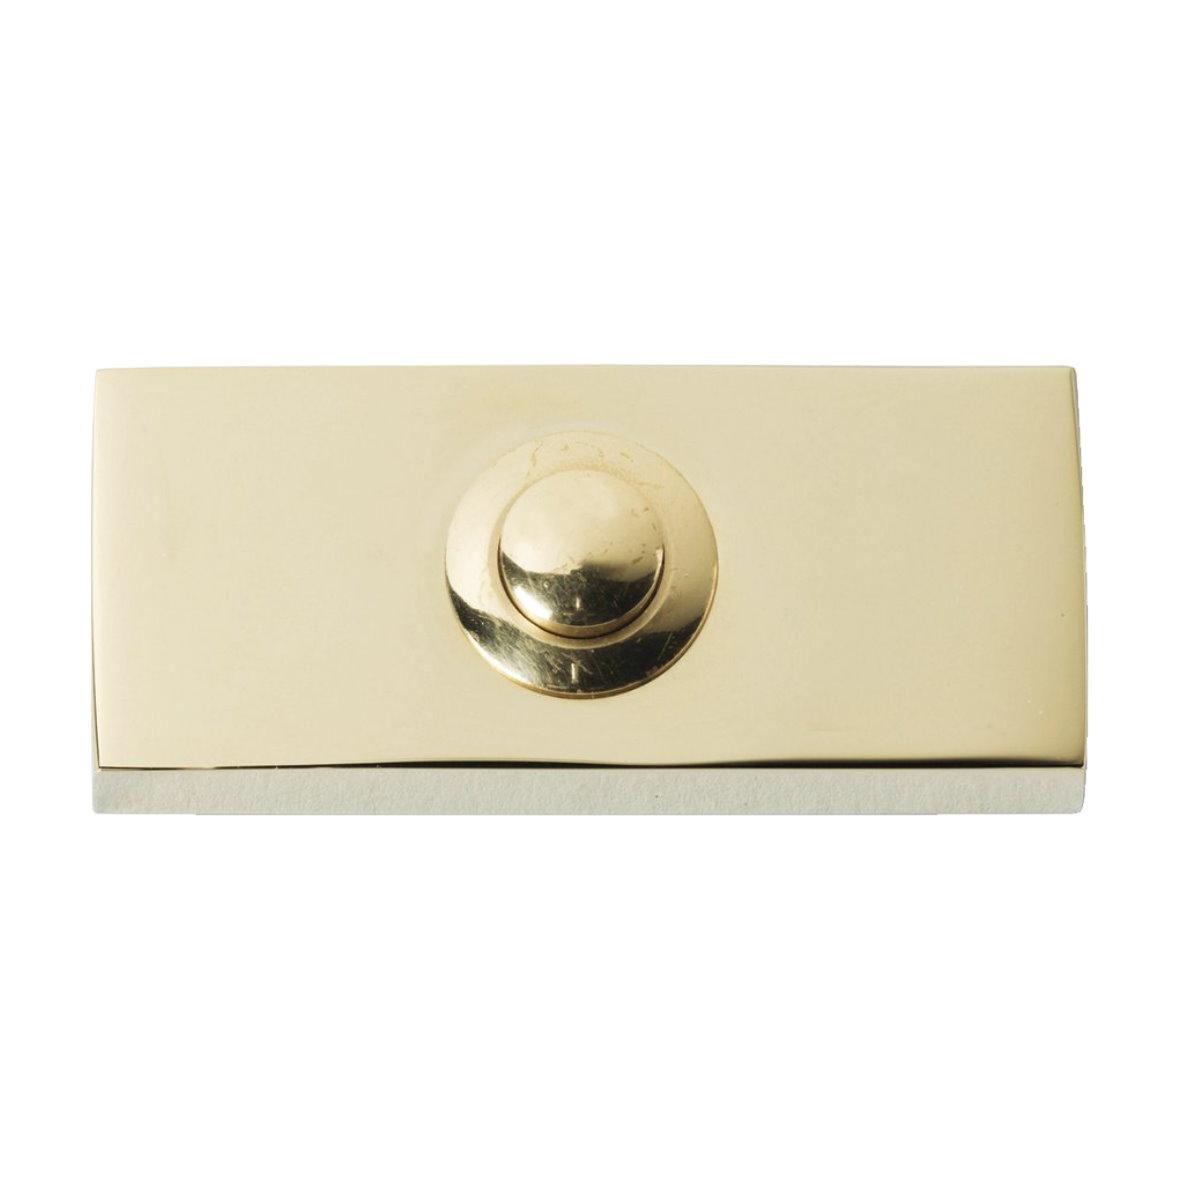 t rklingel klingeltaster klingelplatte klingel namensschild taster beleuchtung ebay. Black Bedroom Furniture Sets. Home Design Ideas